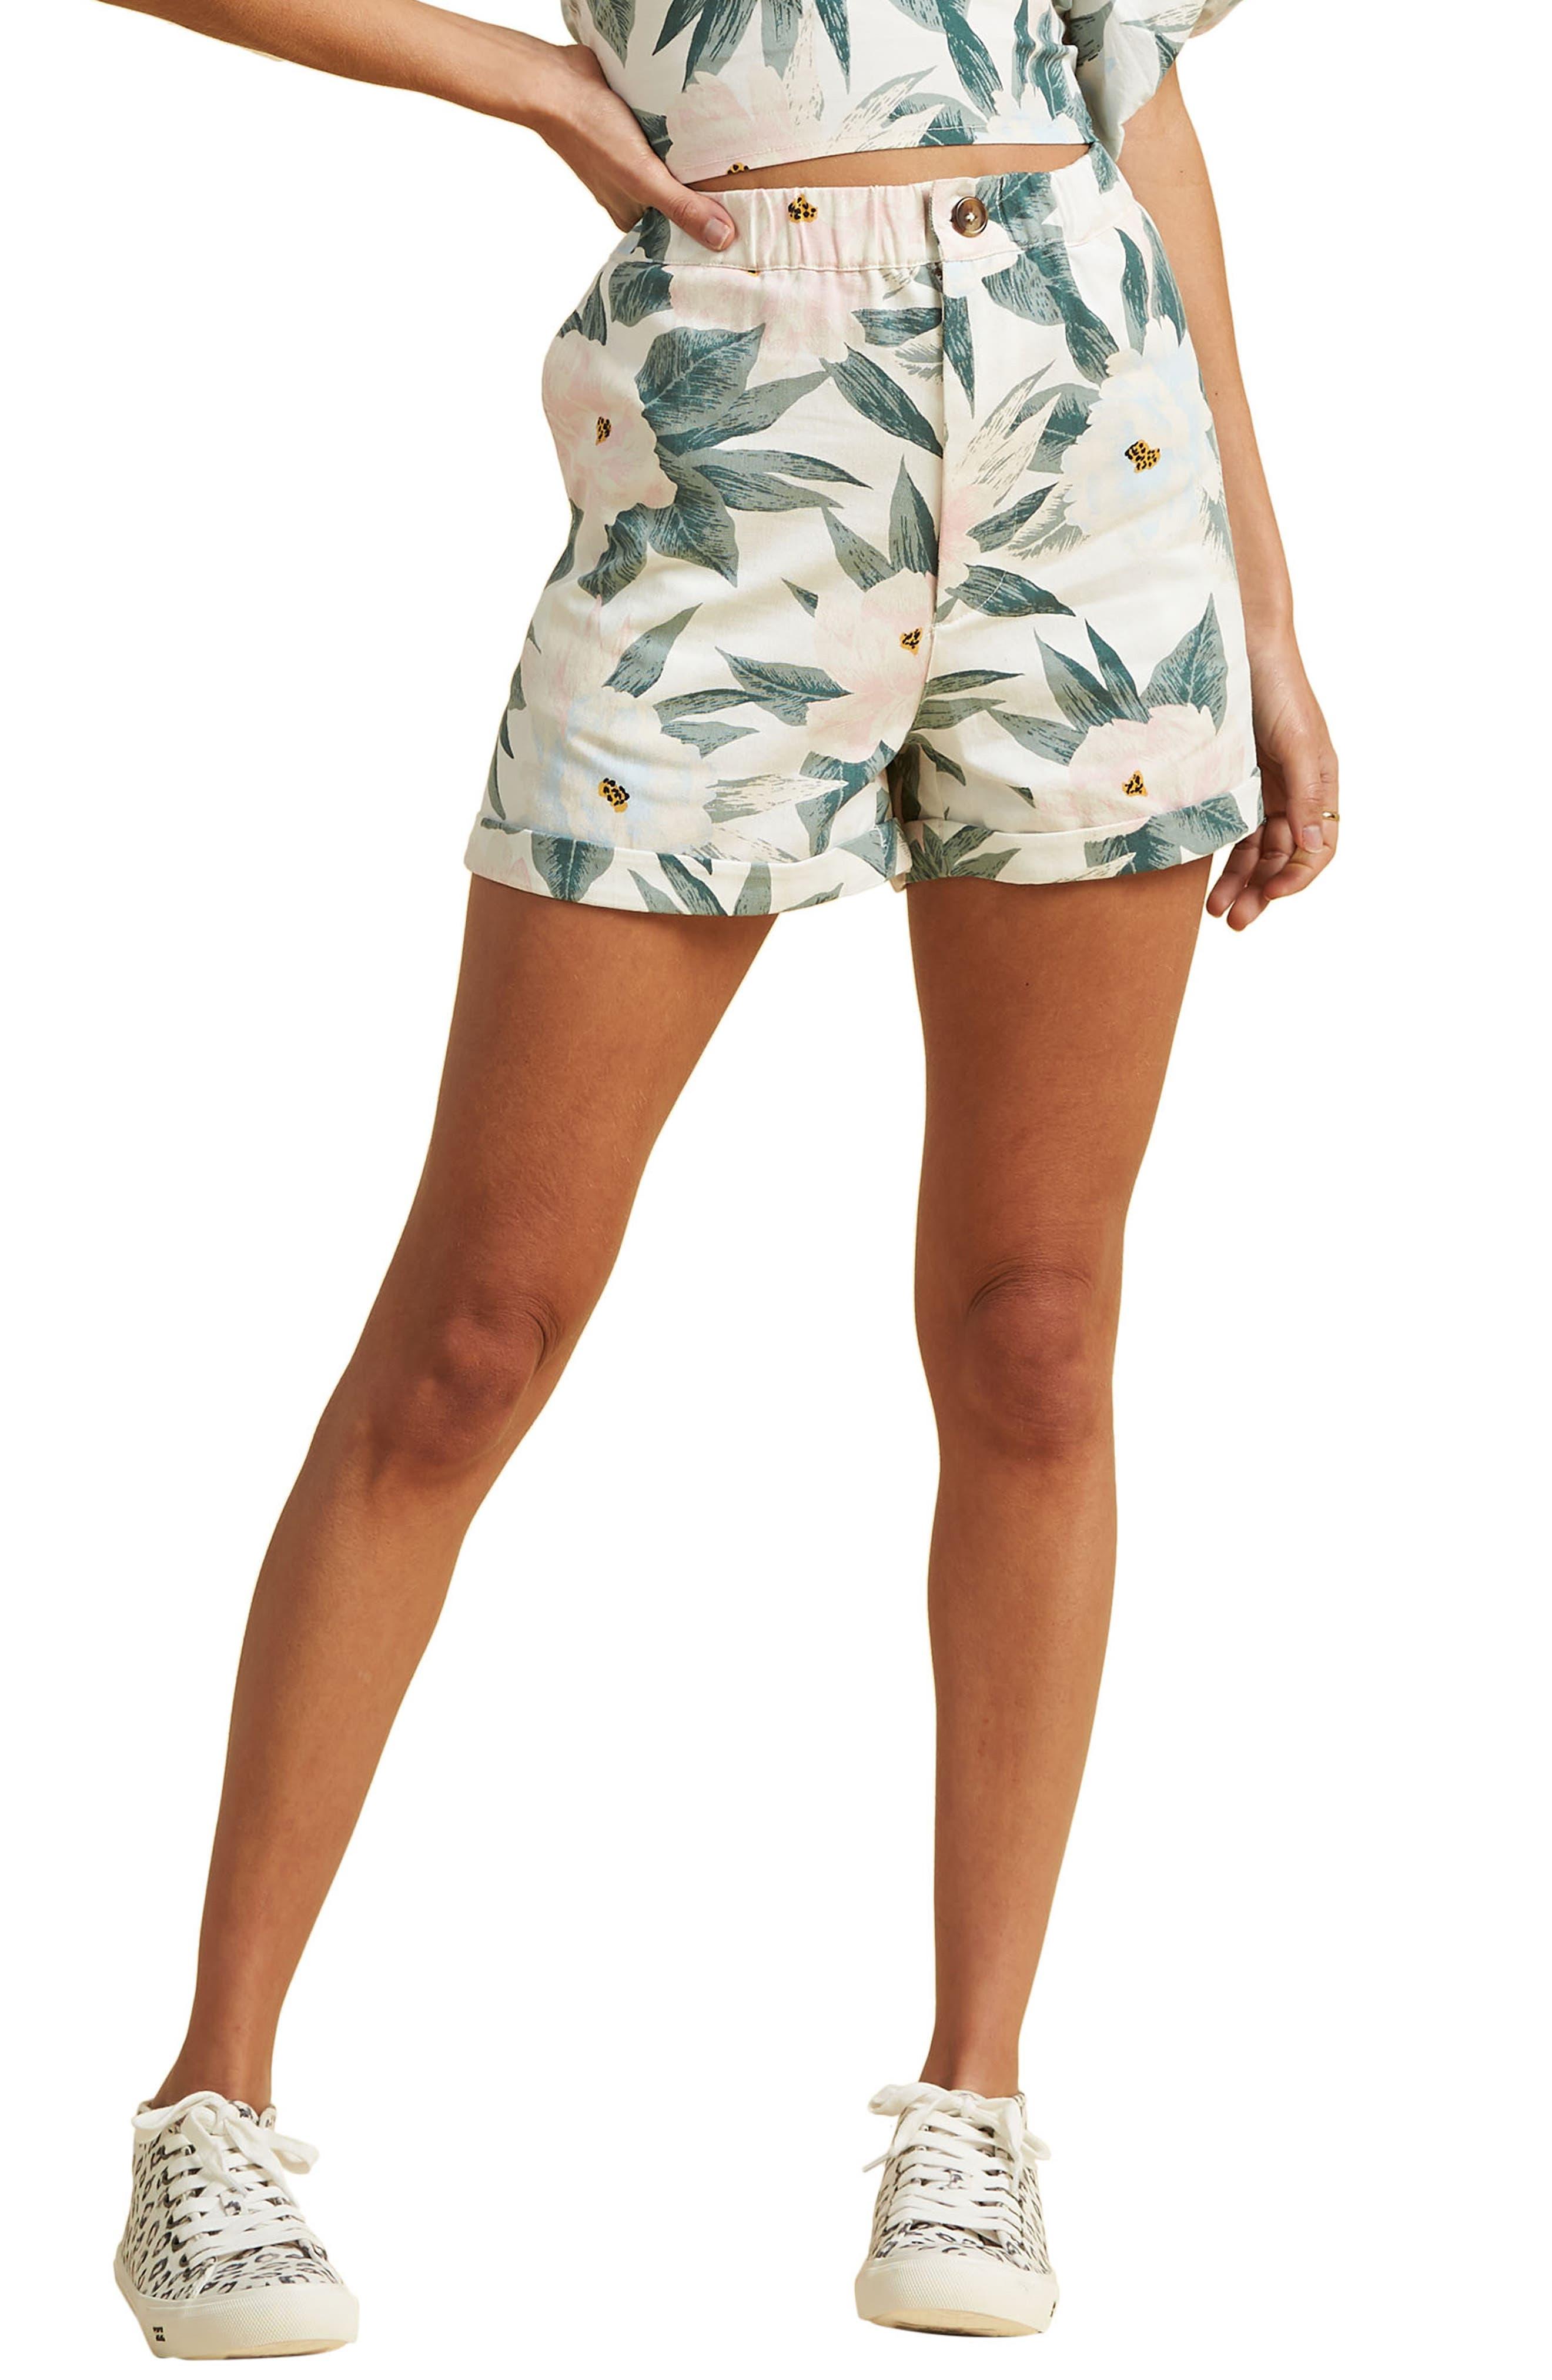 X The Salty Blonde Sun Bleached High Waist Shorts